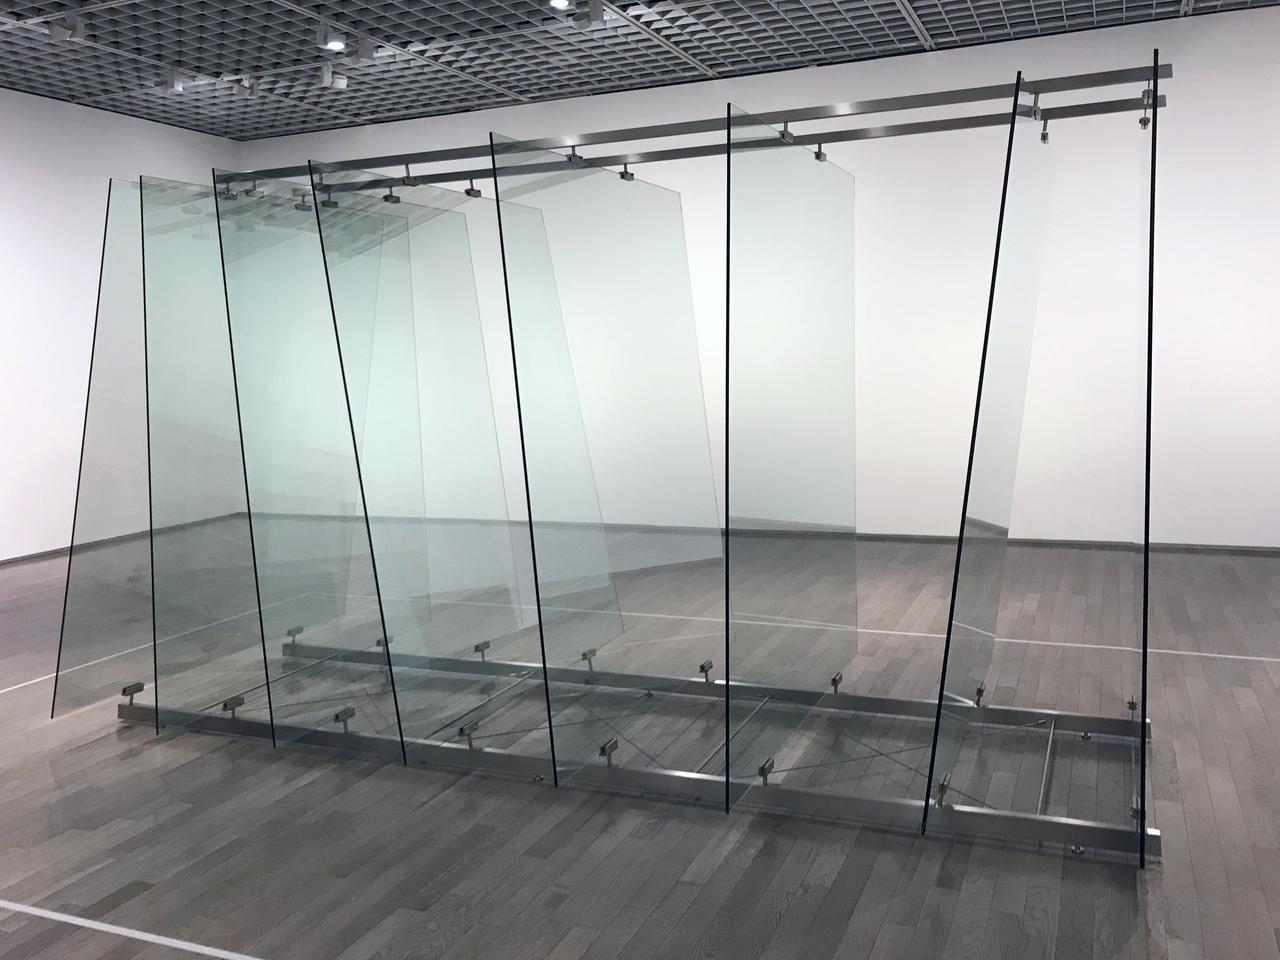 画像: ゲルハルト・リヒター《8枚のガラス》 2012 ワコウ・ワークス・オブ・アート photo©saitomoichi